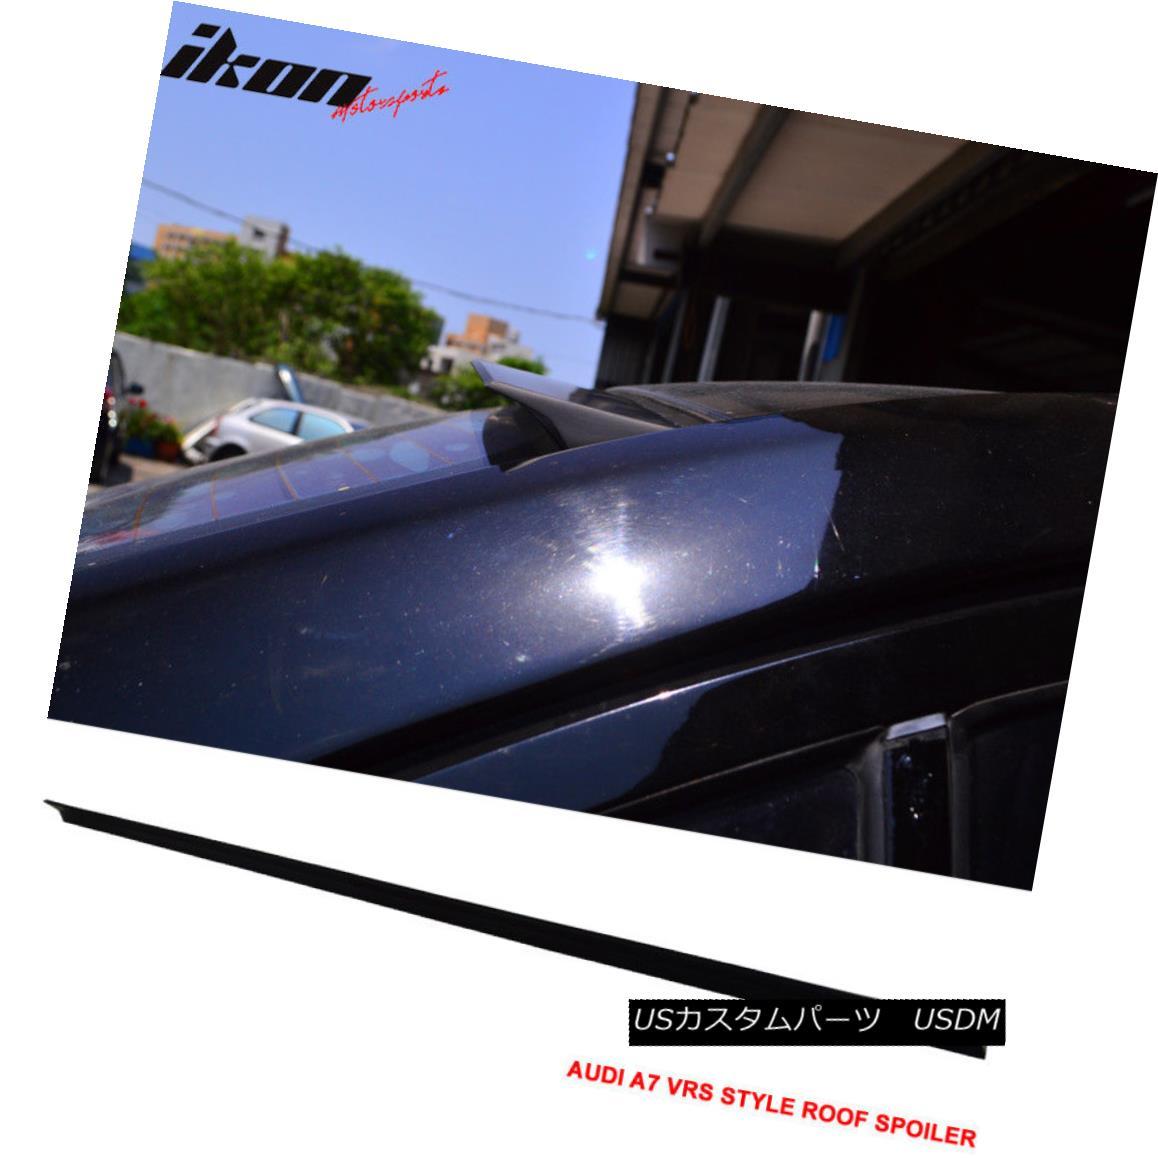 エアロパーツ 12-17 Audi A7 4G VRS Style Roof Spoiler Unpainted Black - PUF 12-17 Audi A7 4G VRSスタイルルーフスポイラー無塗装黒 - PUF